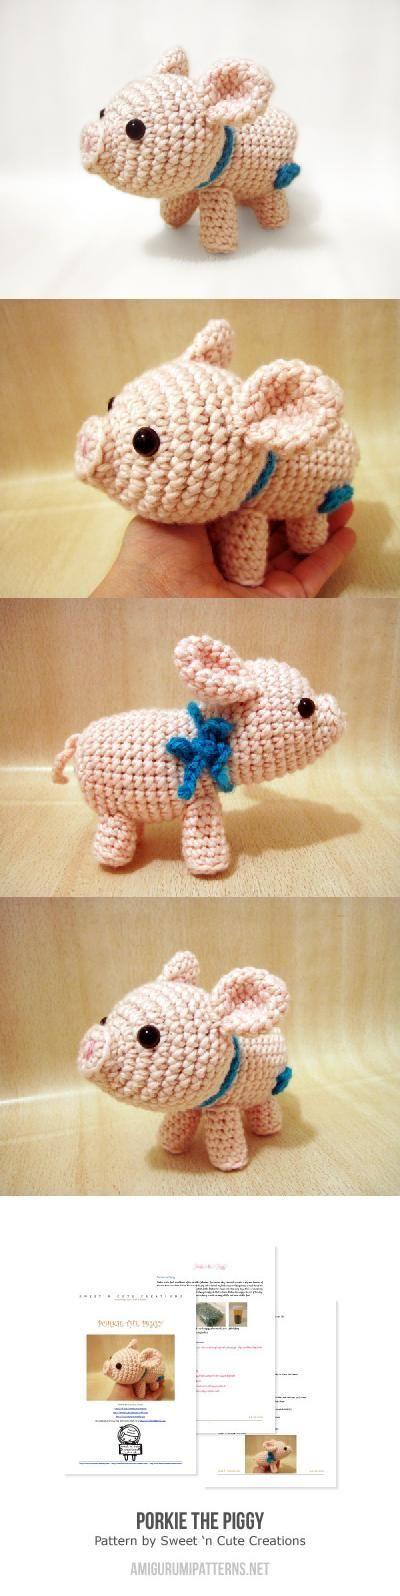 Porkie the Piggy - Amigurumi.com